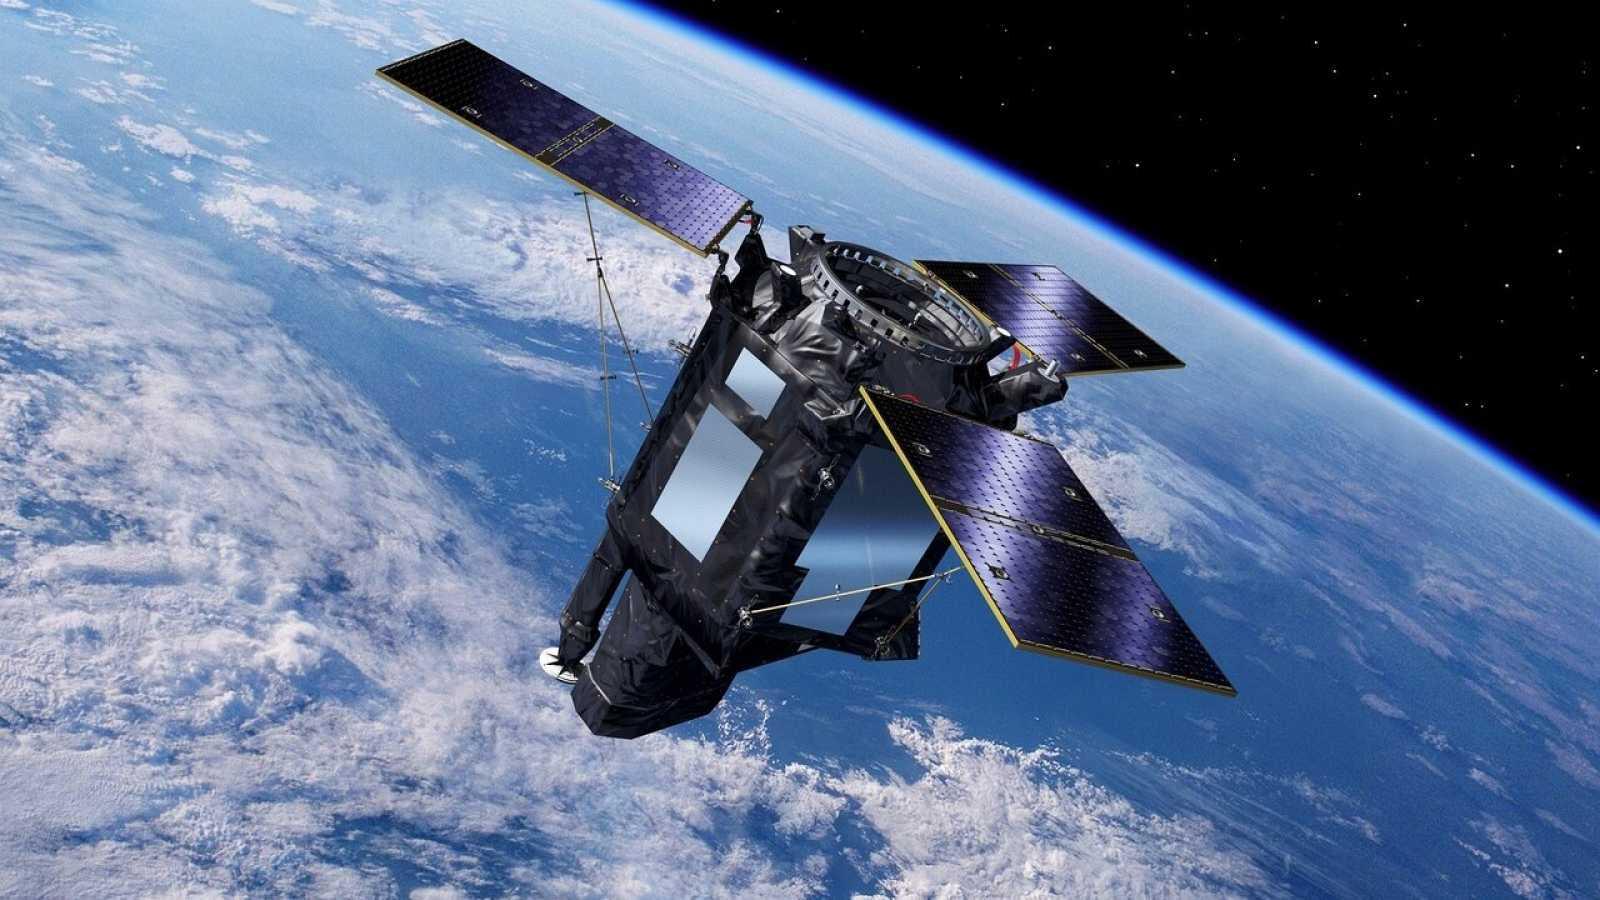 L'altra ràdio - L' observació dels recursos de la Terra des de l'espai